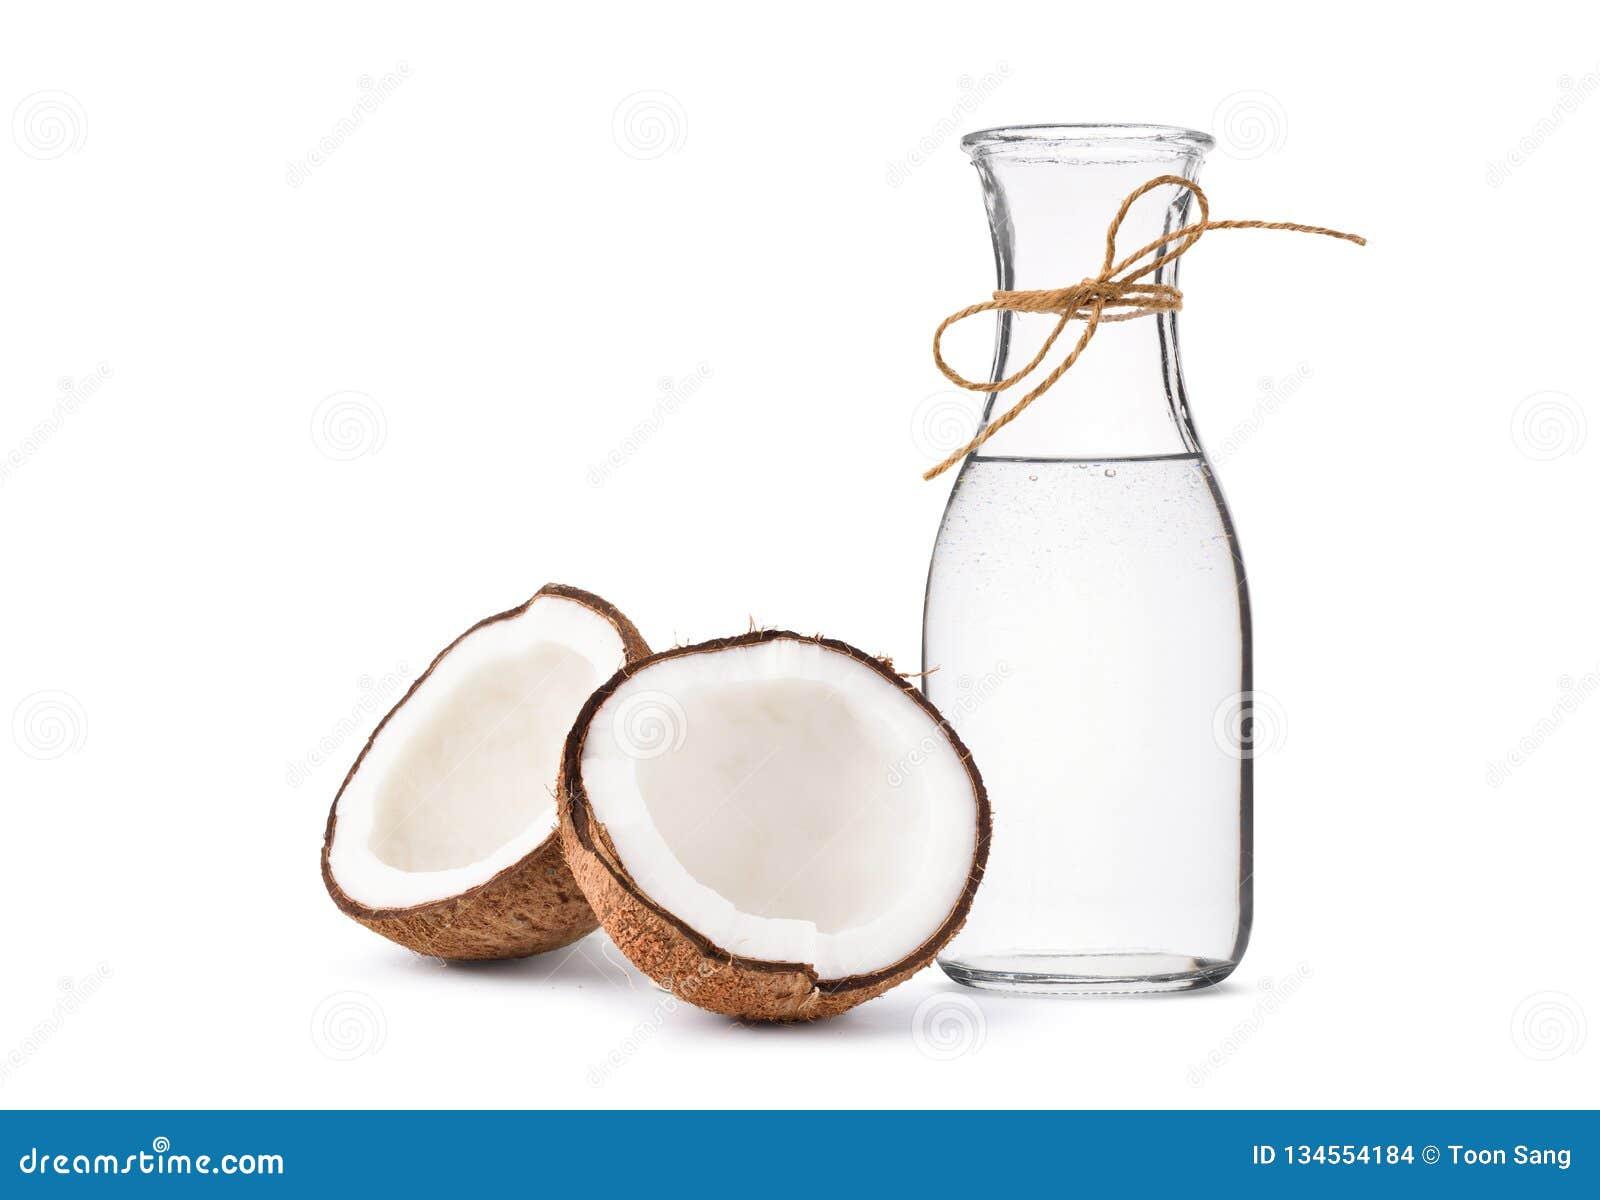 Kallt - pressande extra jungfrulig kokosnötolja i flaskor